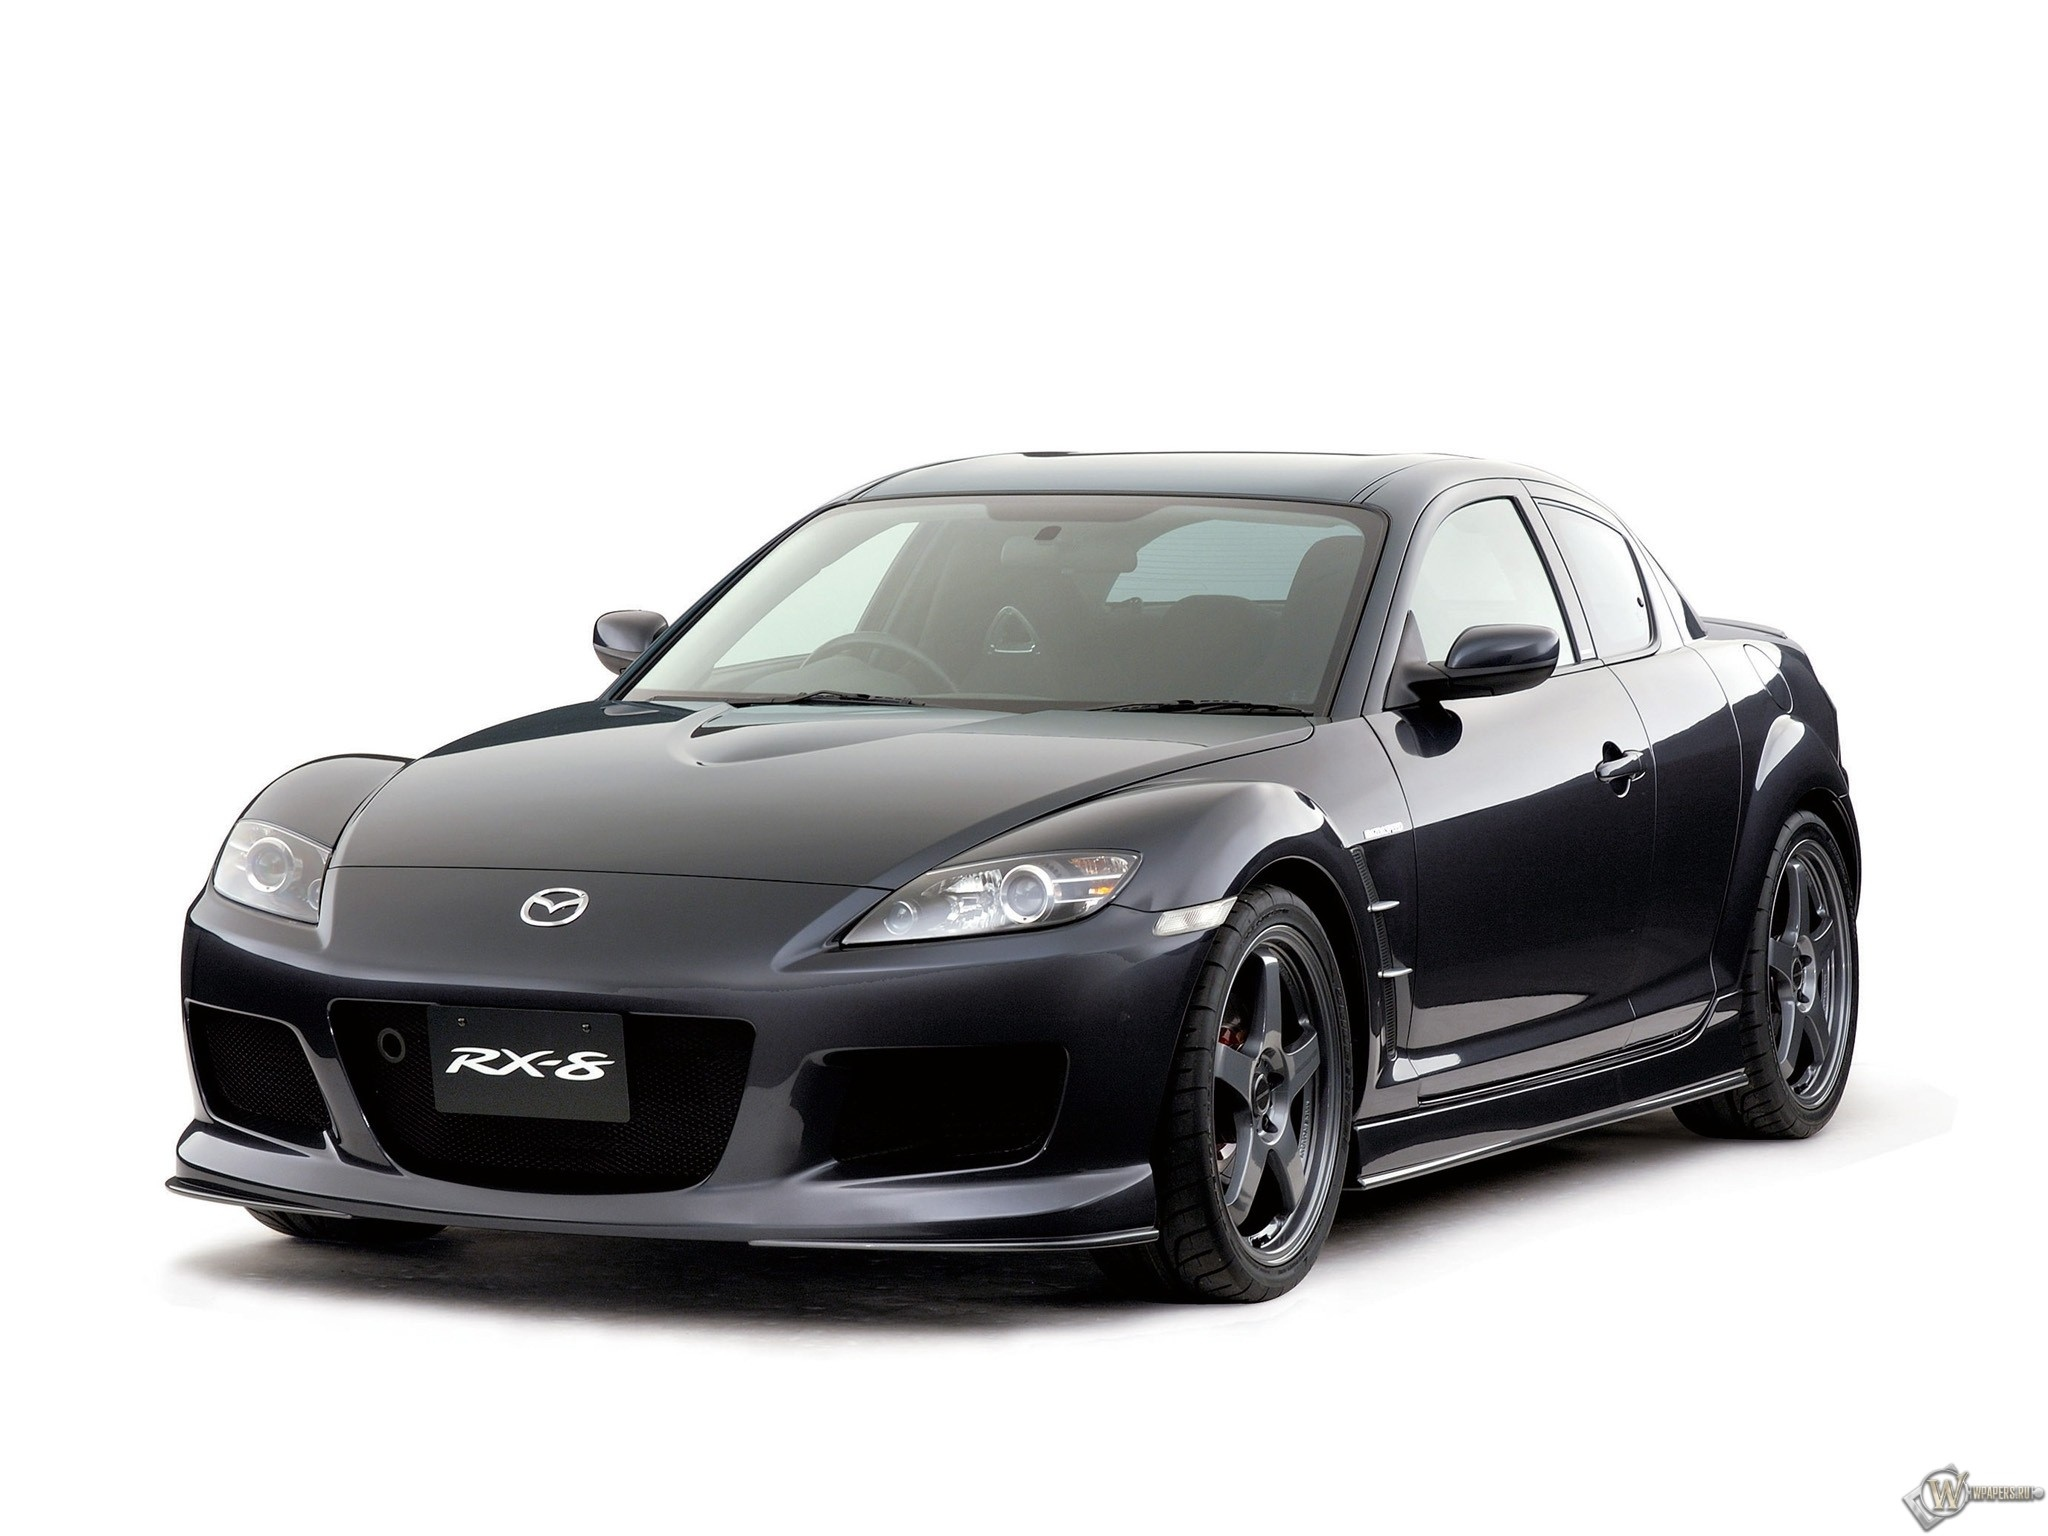 Скачать обои Mazda Rx 8 Чёрный Mazda Rx 8 для рабочего стола 2048х1536 4 3 бесплатно Фото